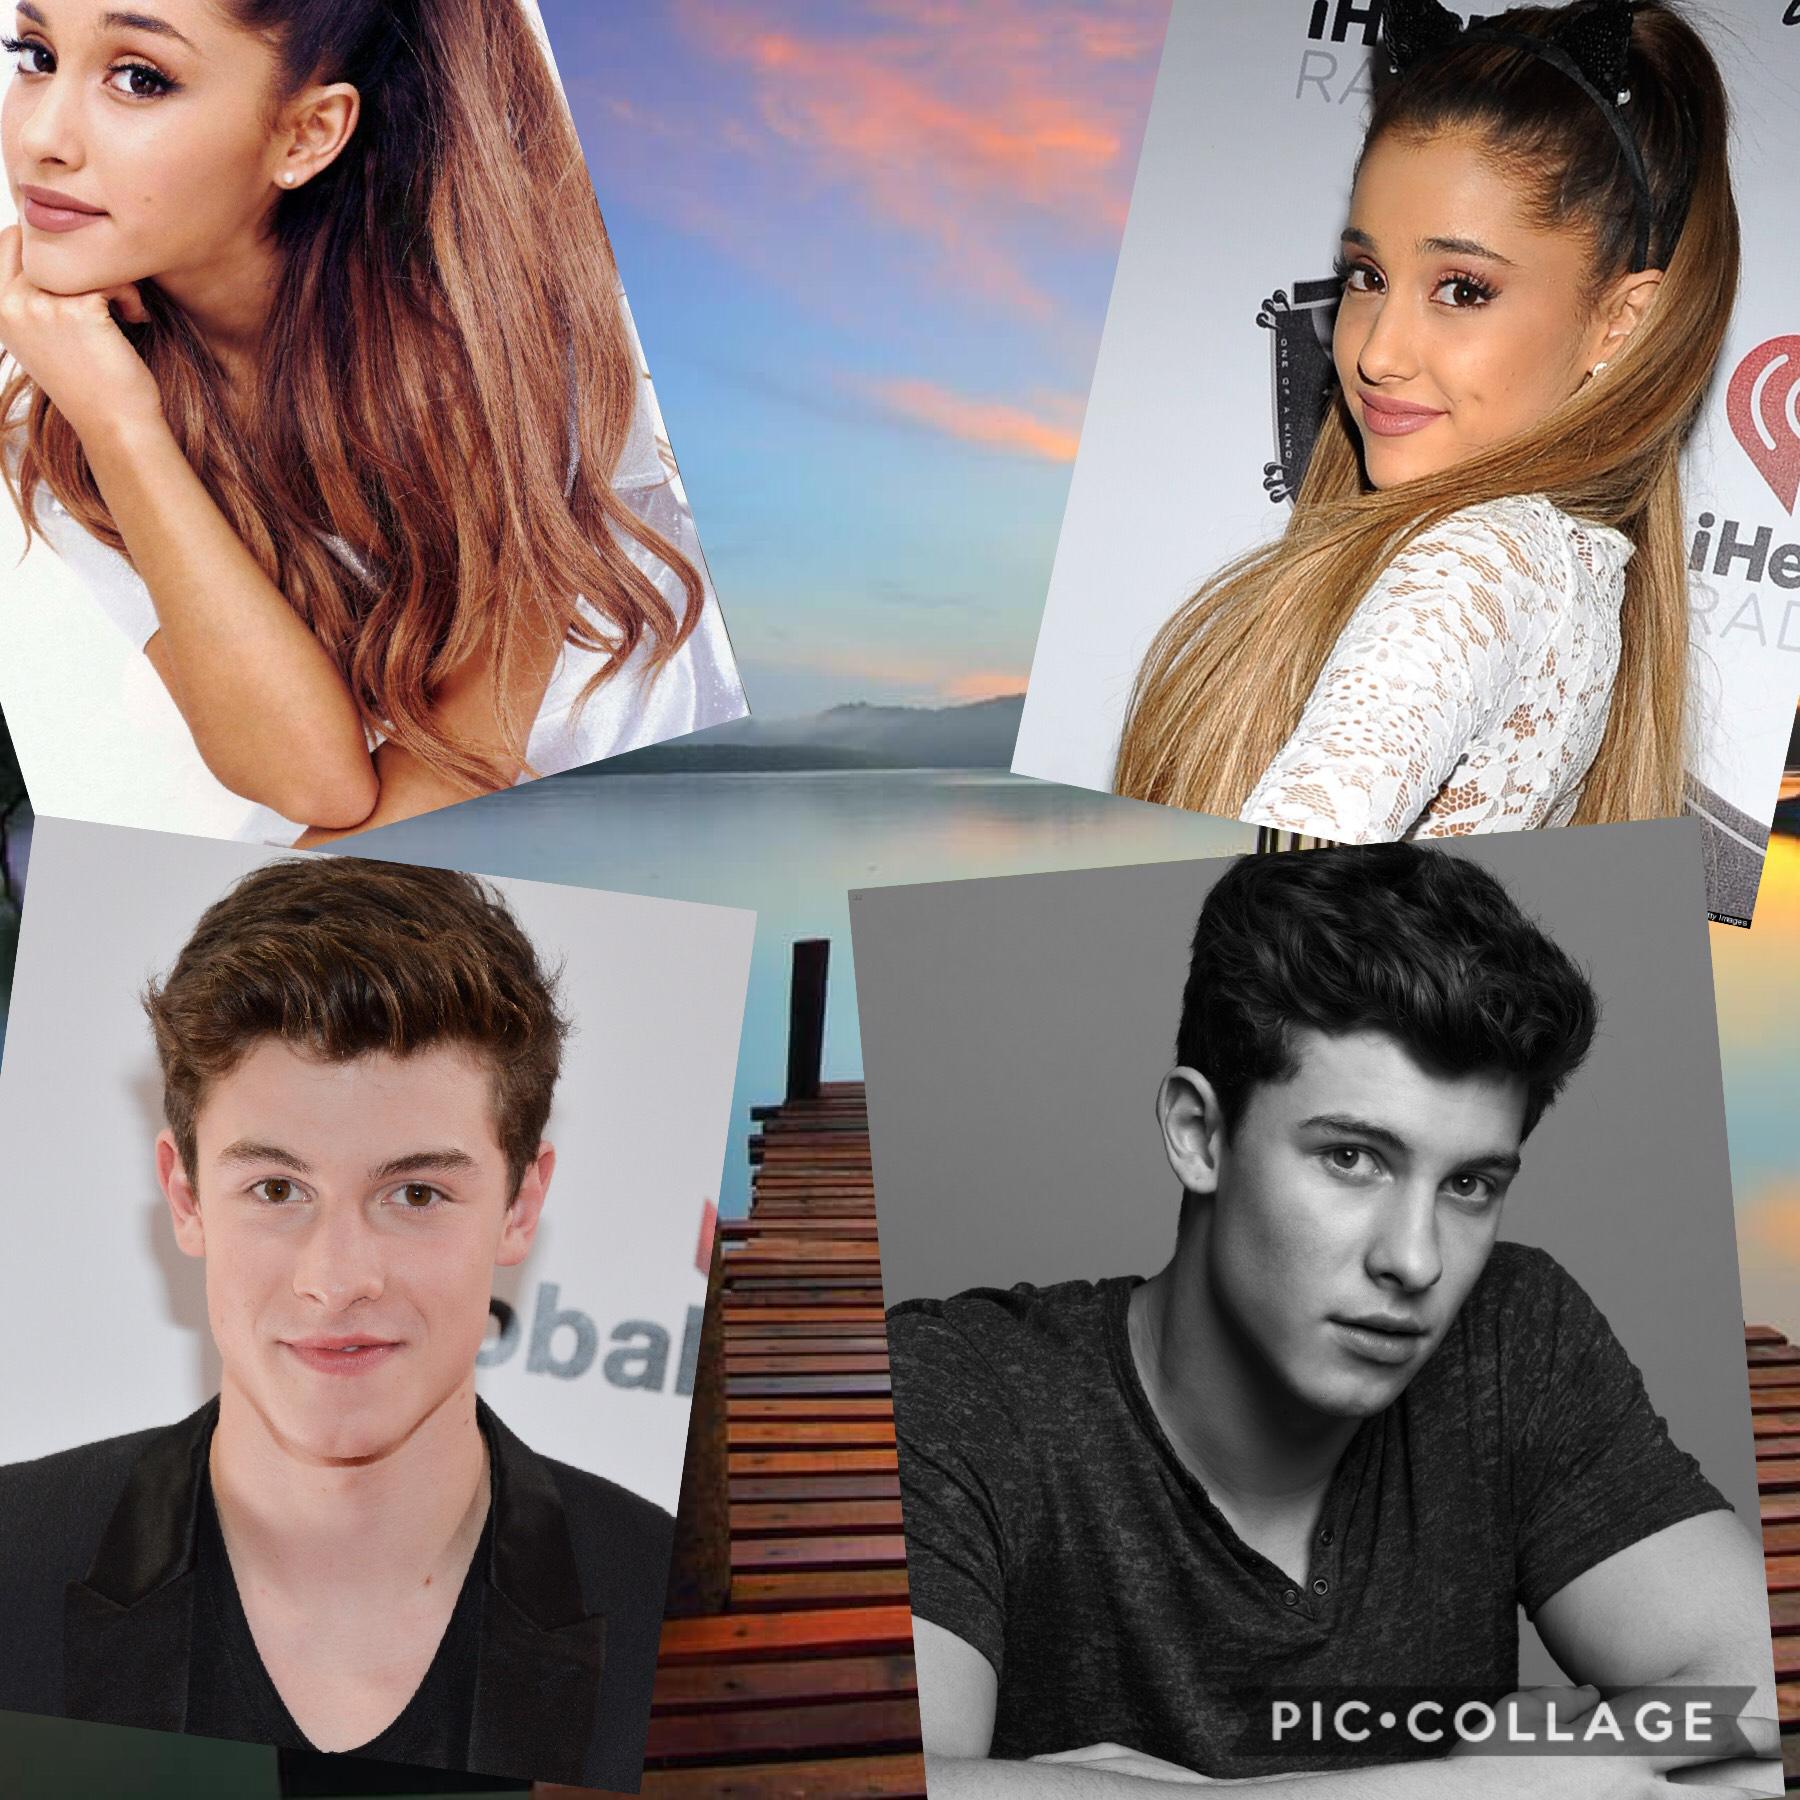 Idols 😍💕